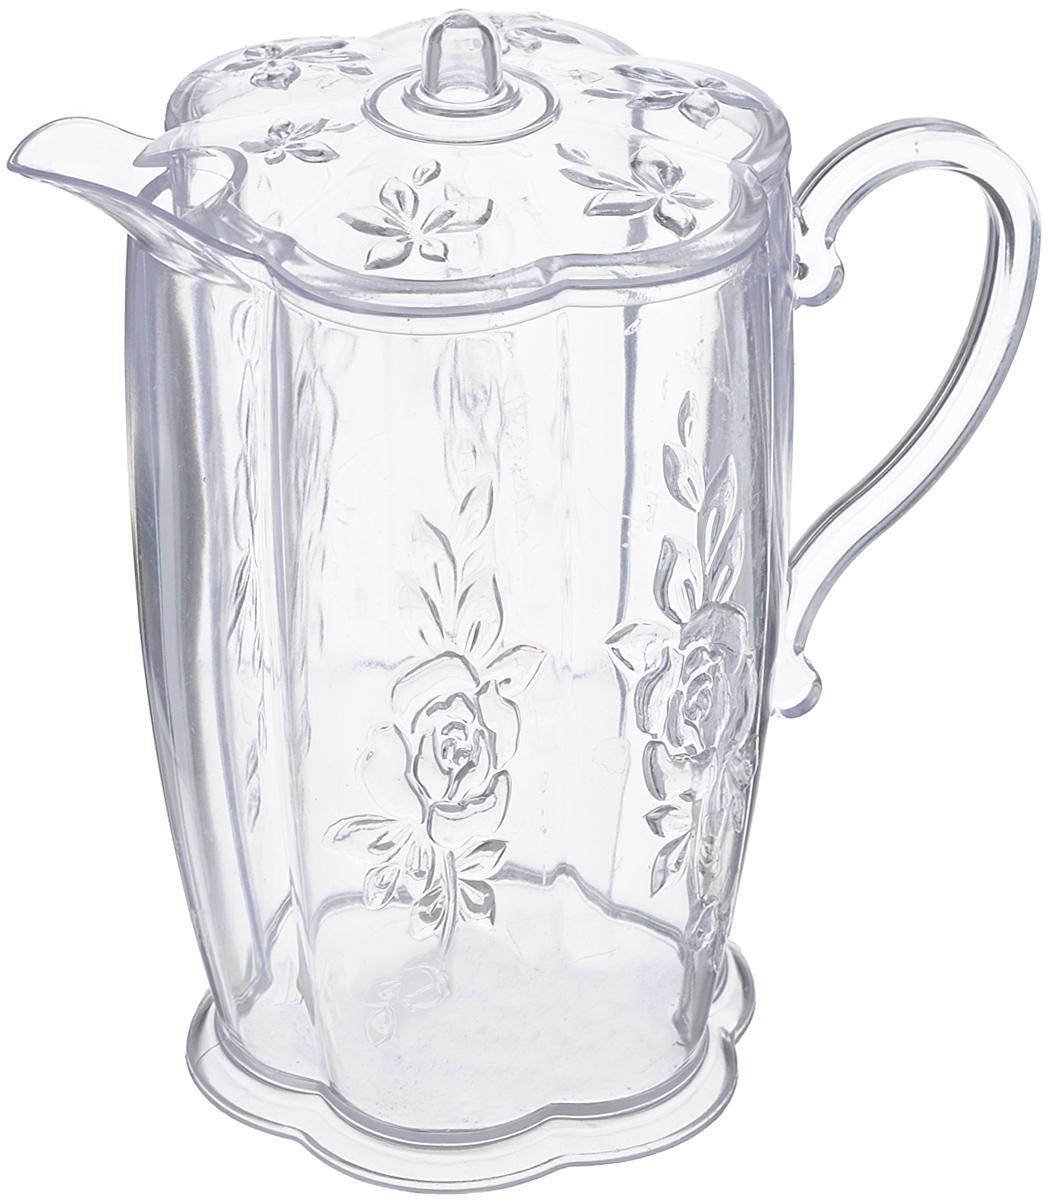 Кувшин Альтернатива Молочник, с крышкой, 500 млVT-1520(SR)Кувшин Альтернатива Молочник выполнен из высококачественного пластика, оснащен крышкой и эргономичной ручкой для удобства. Внешние стенки изделия декорированы объемными цветами. В таком кувшине будет удобно хранить и подавать на стол молоко, соки или воду.Кувшин Альтернатива Молочник украсит любой кухонный интерьер и станет хорошим подарком для ваших близких. Размер (по верхнему краю): 10,2 см х 7,5 см. Высота (с учетом крышки): 14 см.